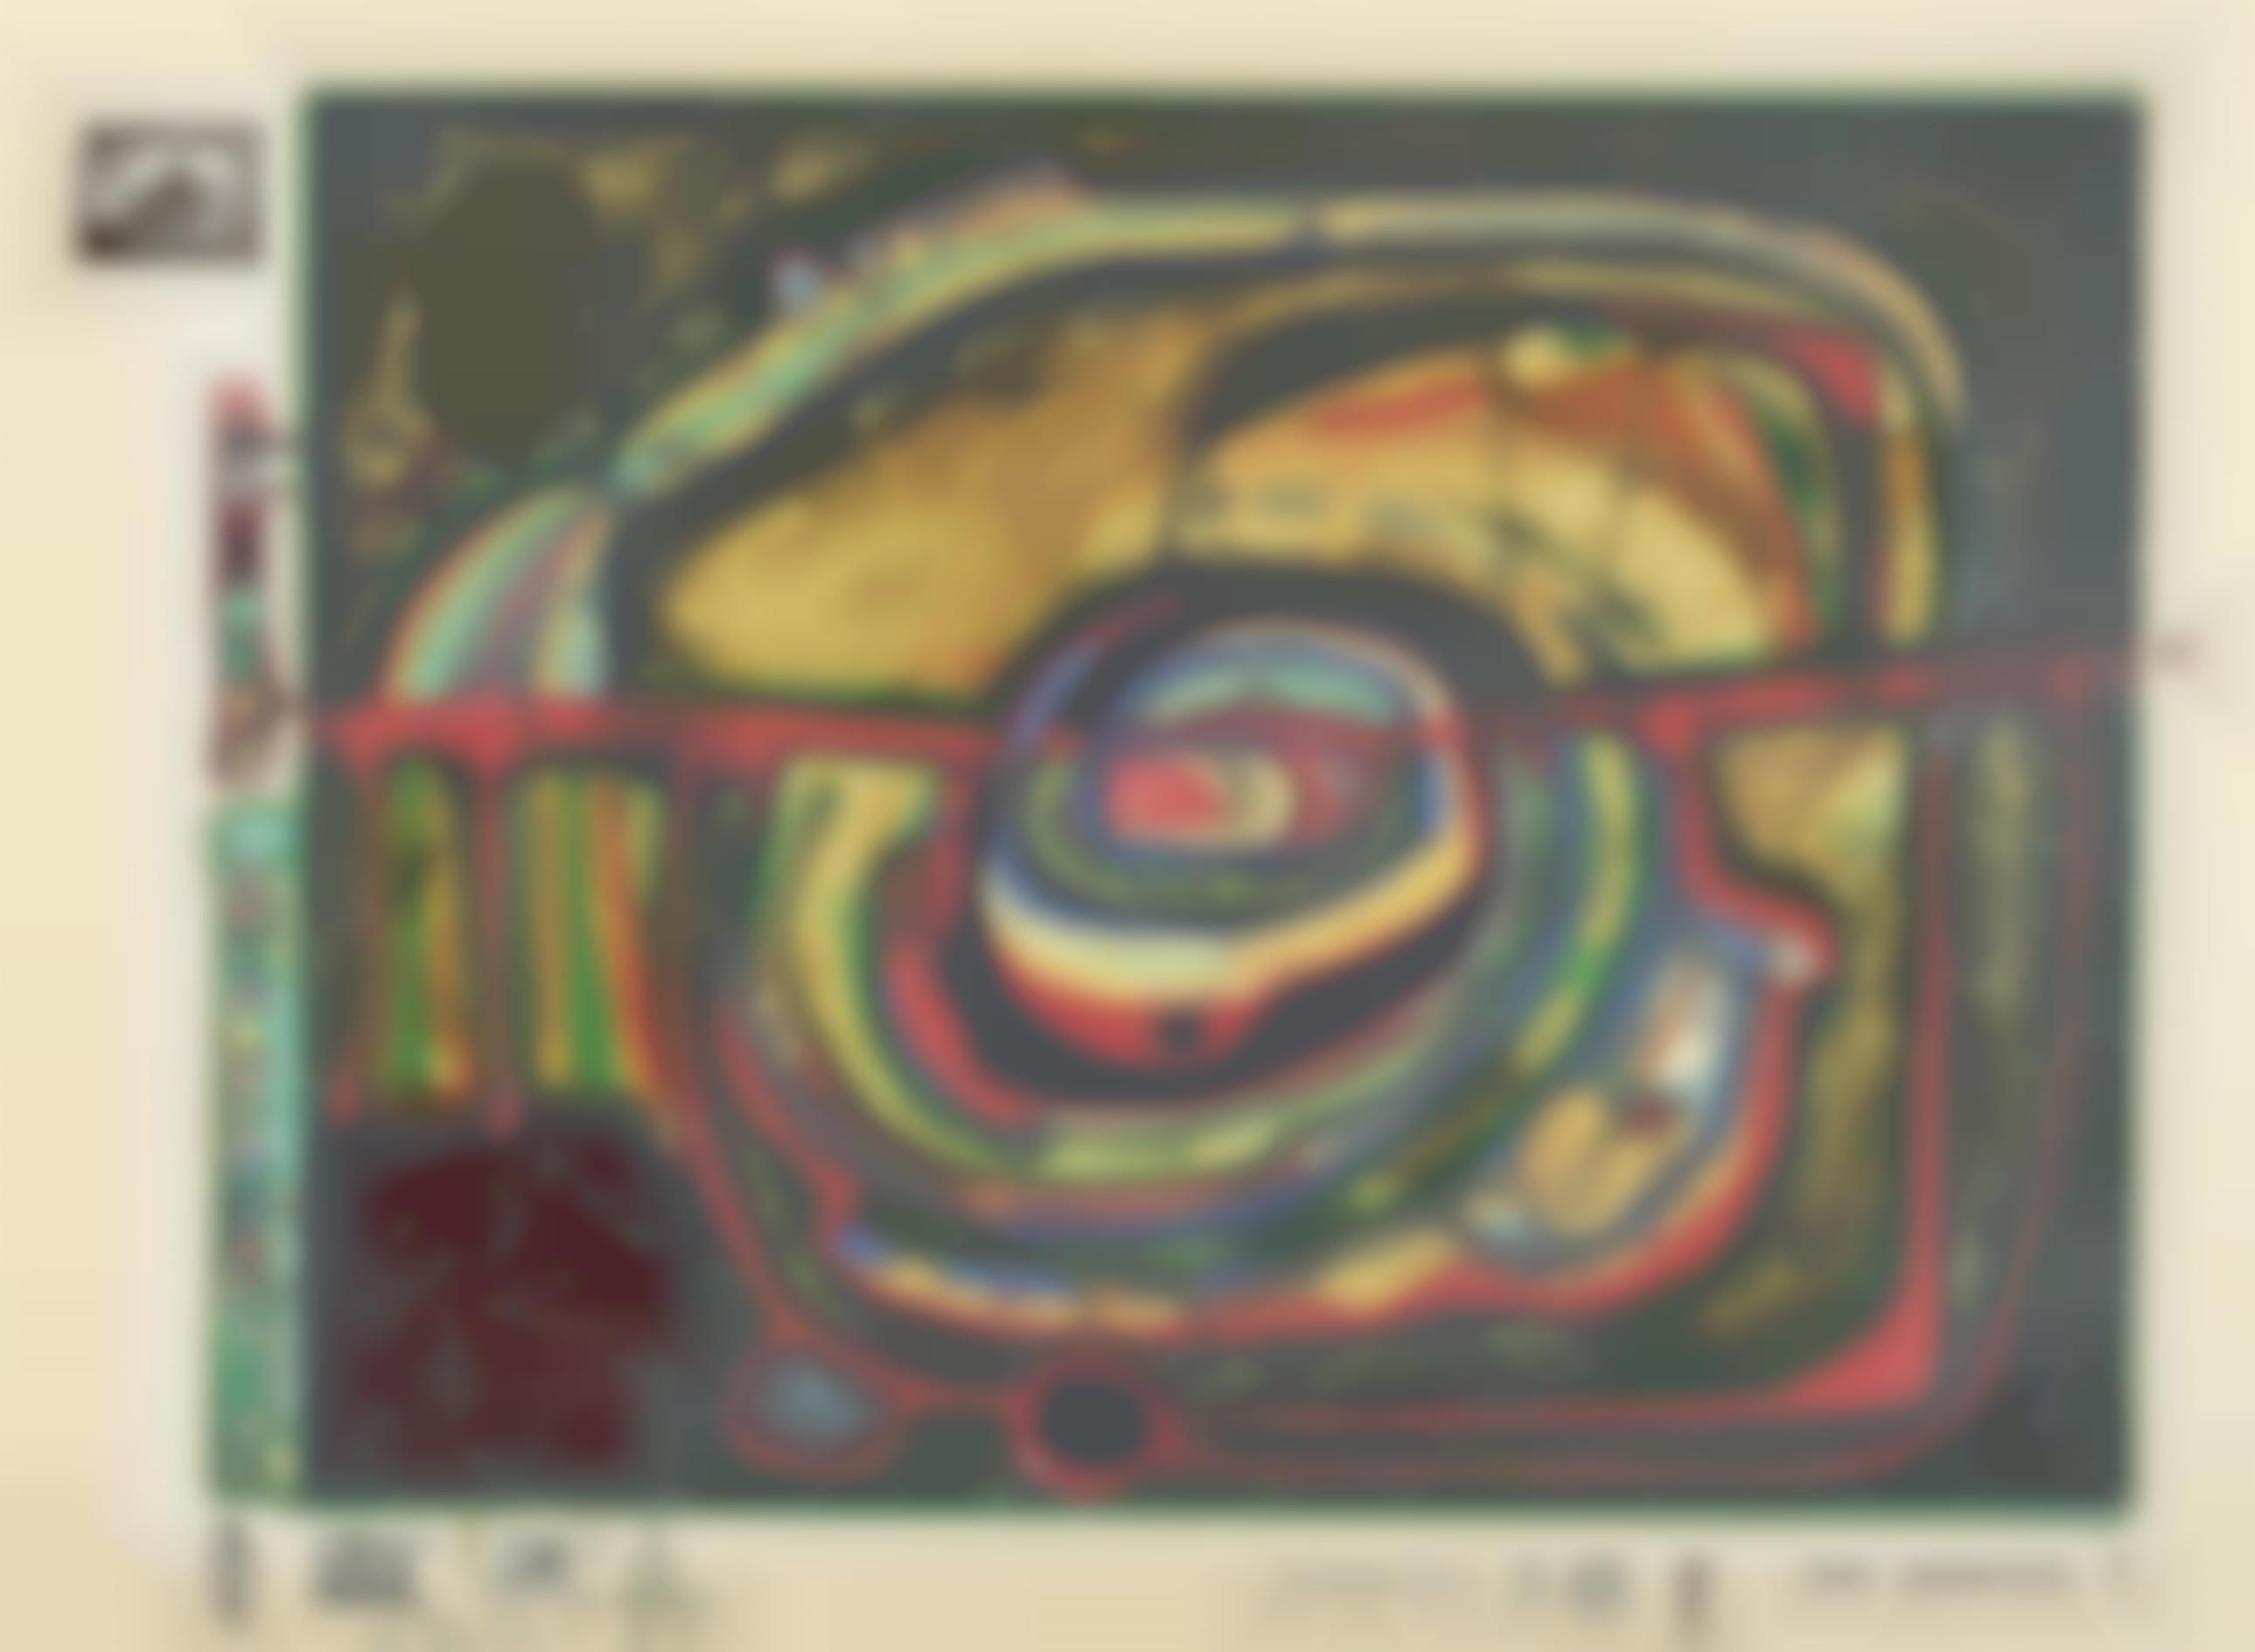 Friedensreich Hundertwasser-Die Funfte Augenwaage (Eyebalance Number Five)-1972